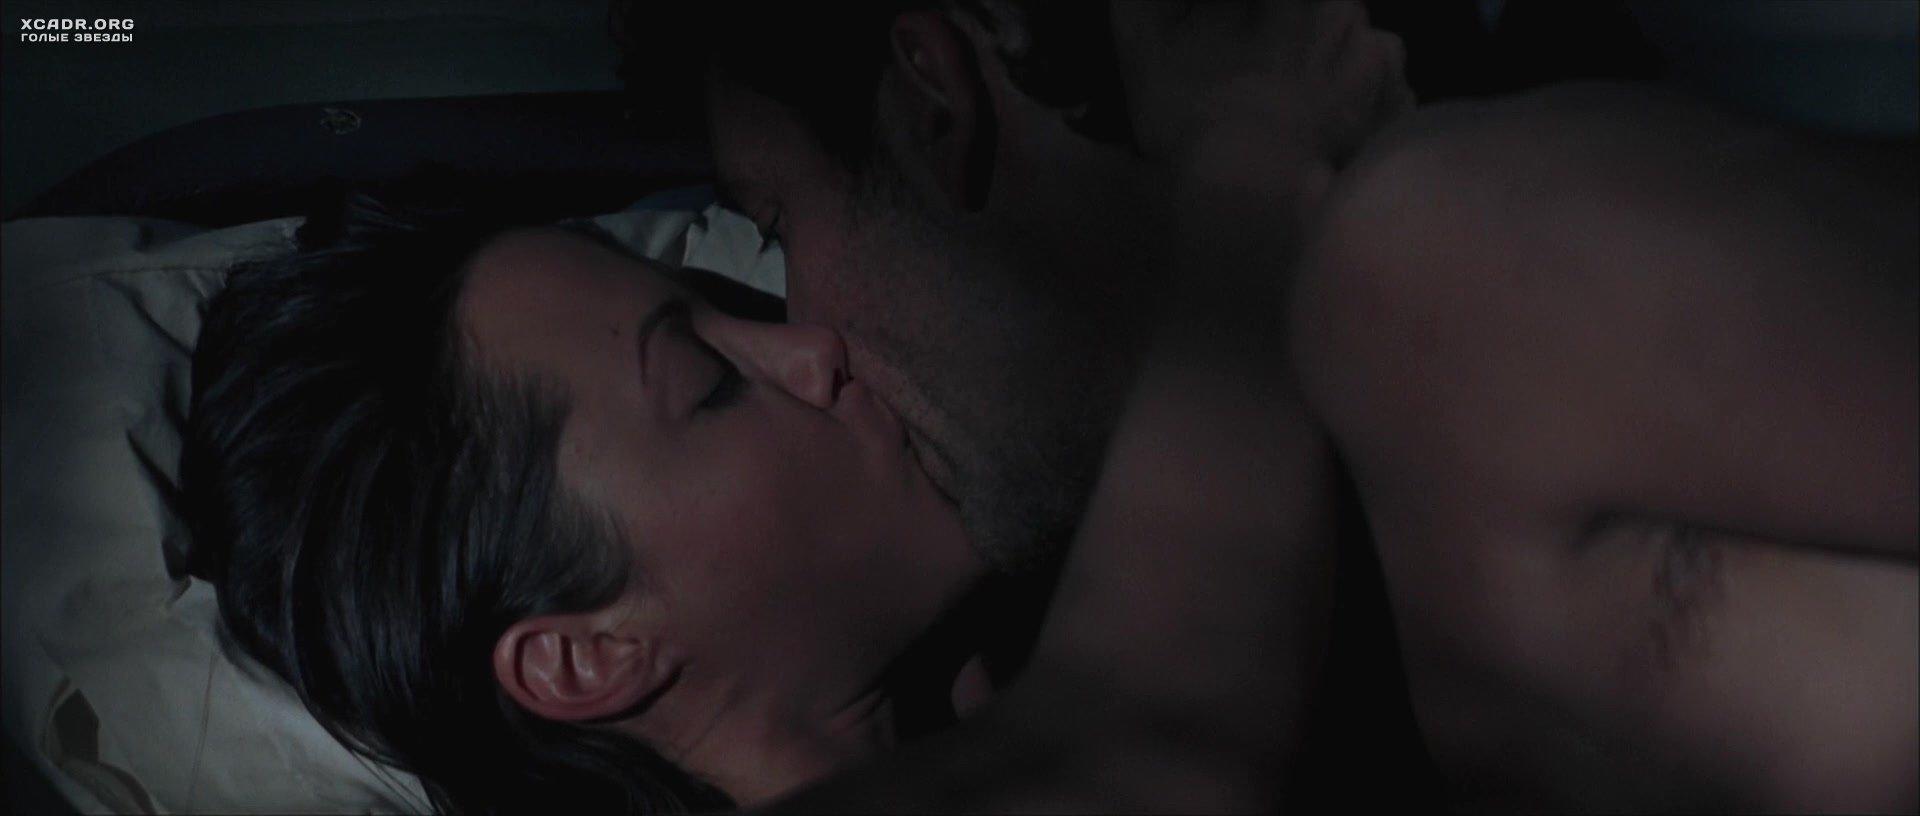 stsena-na-grani-porno